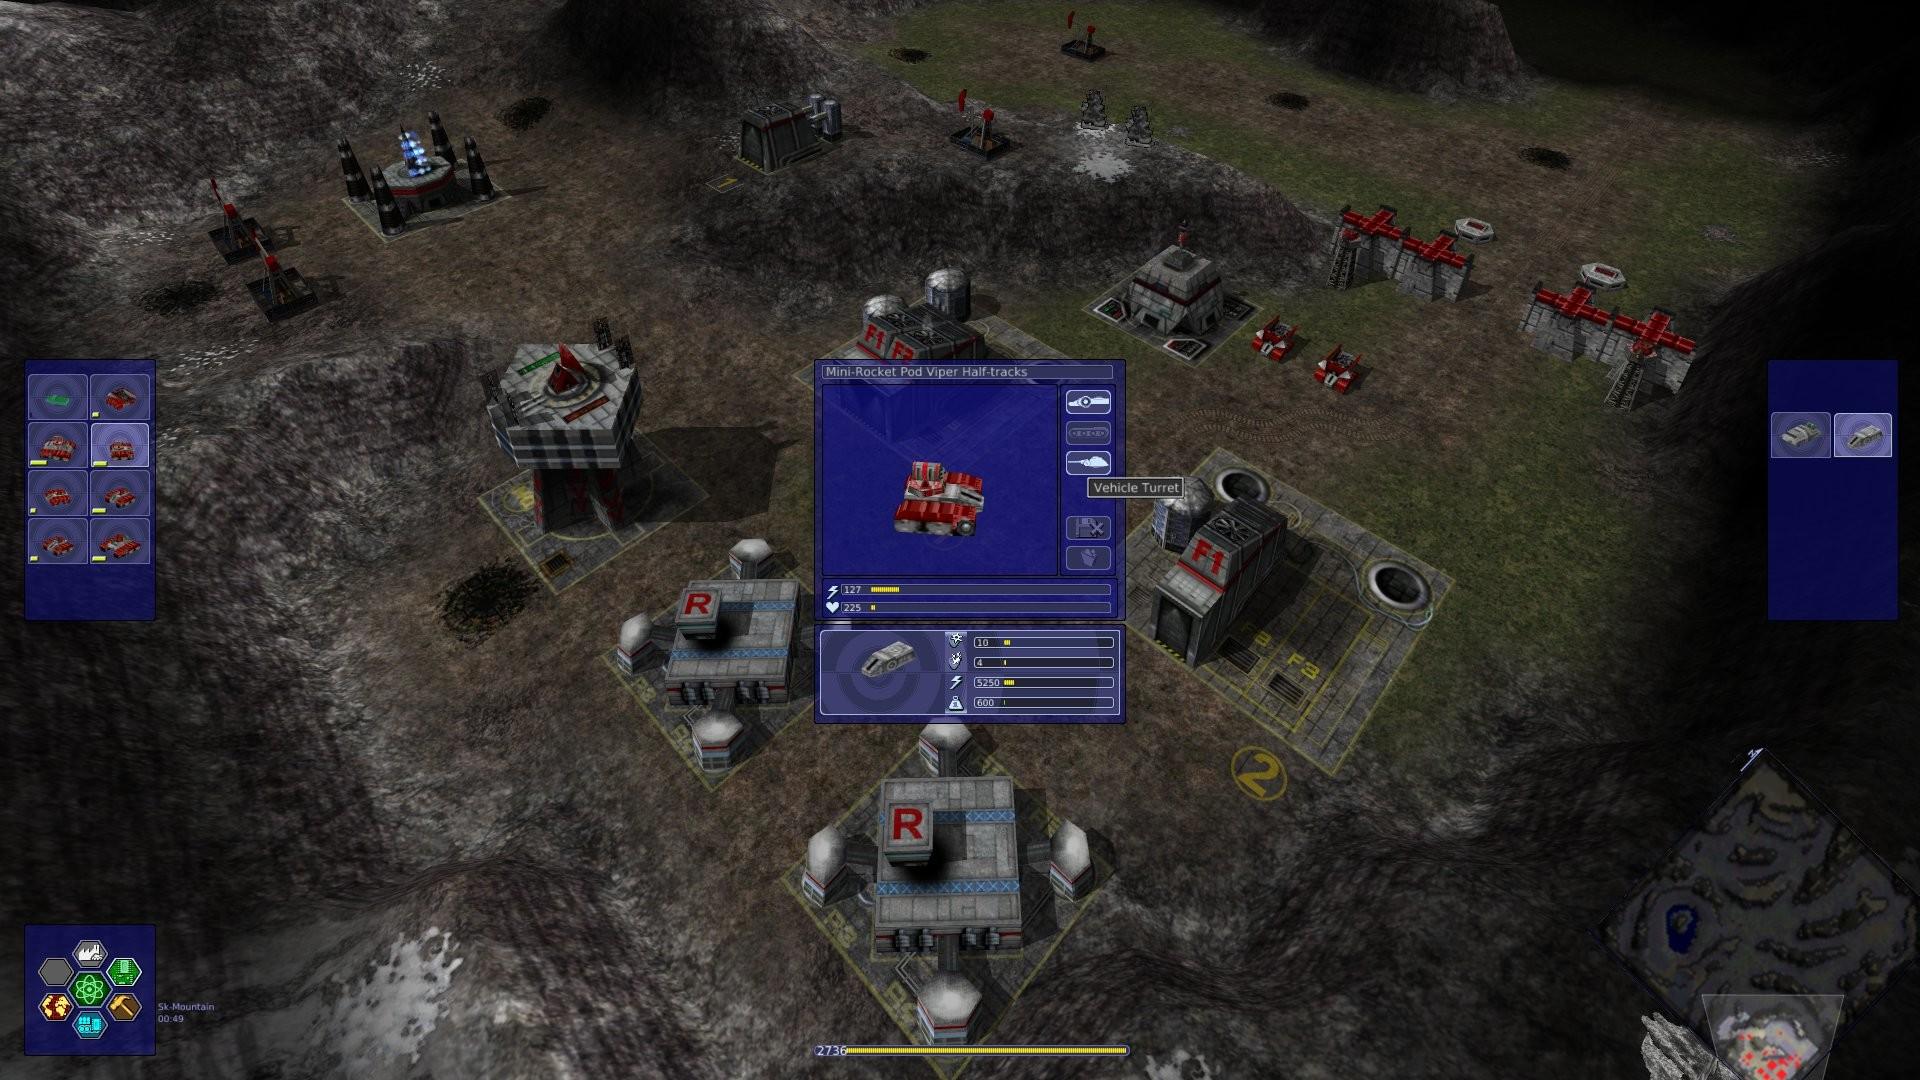 Screenshot-1-Warzone-2100-1920x1080-8d6cdc18f4f9ff8b.jpg